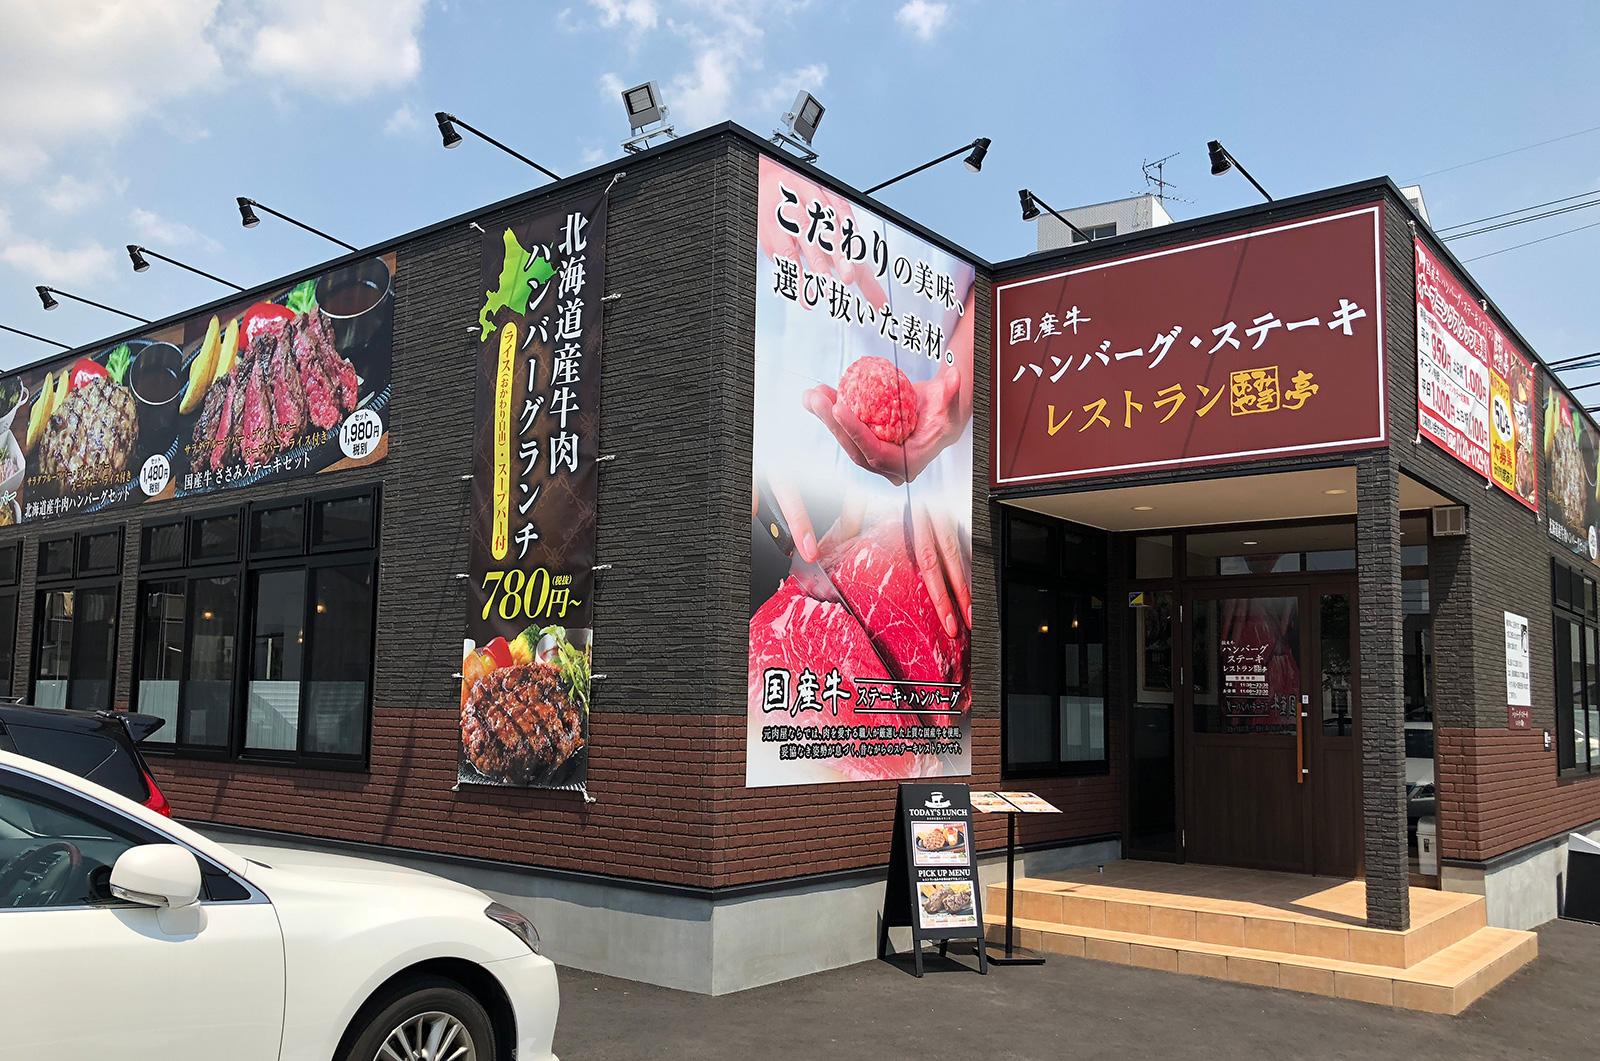 「あみやき亭レストラン 小田井店」の北海道産牛肉ハンバーグランチ @中小田井